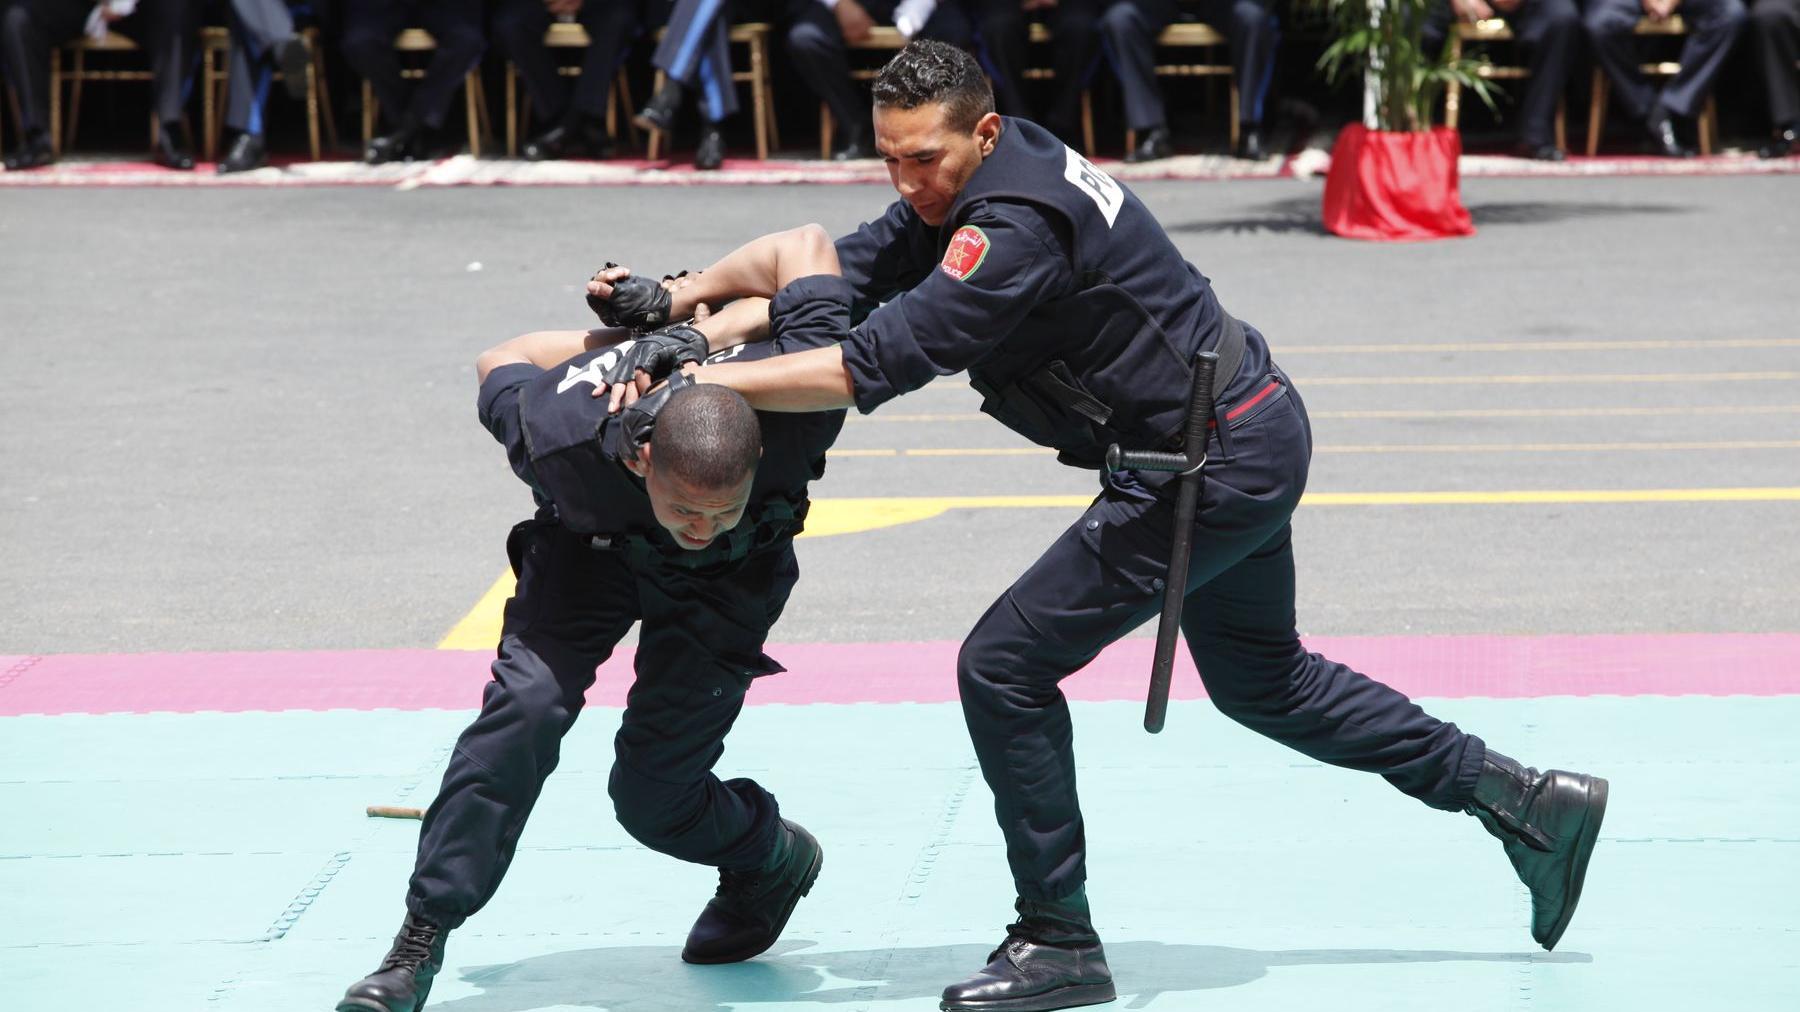 صور رائعة للشرطة المغربية 2014 Ff10